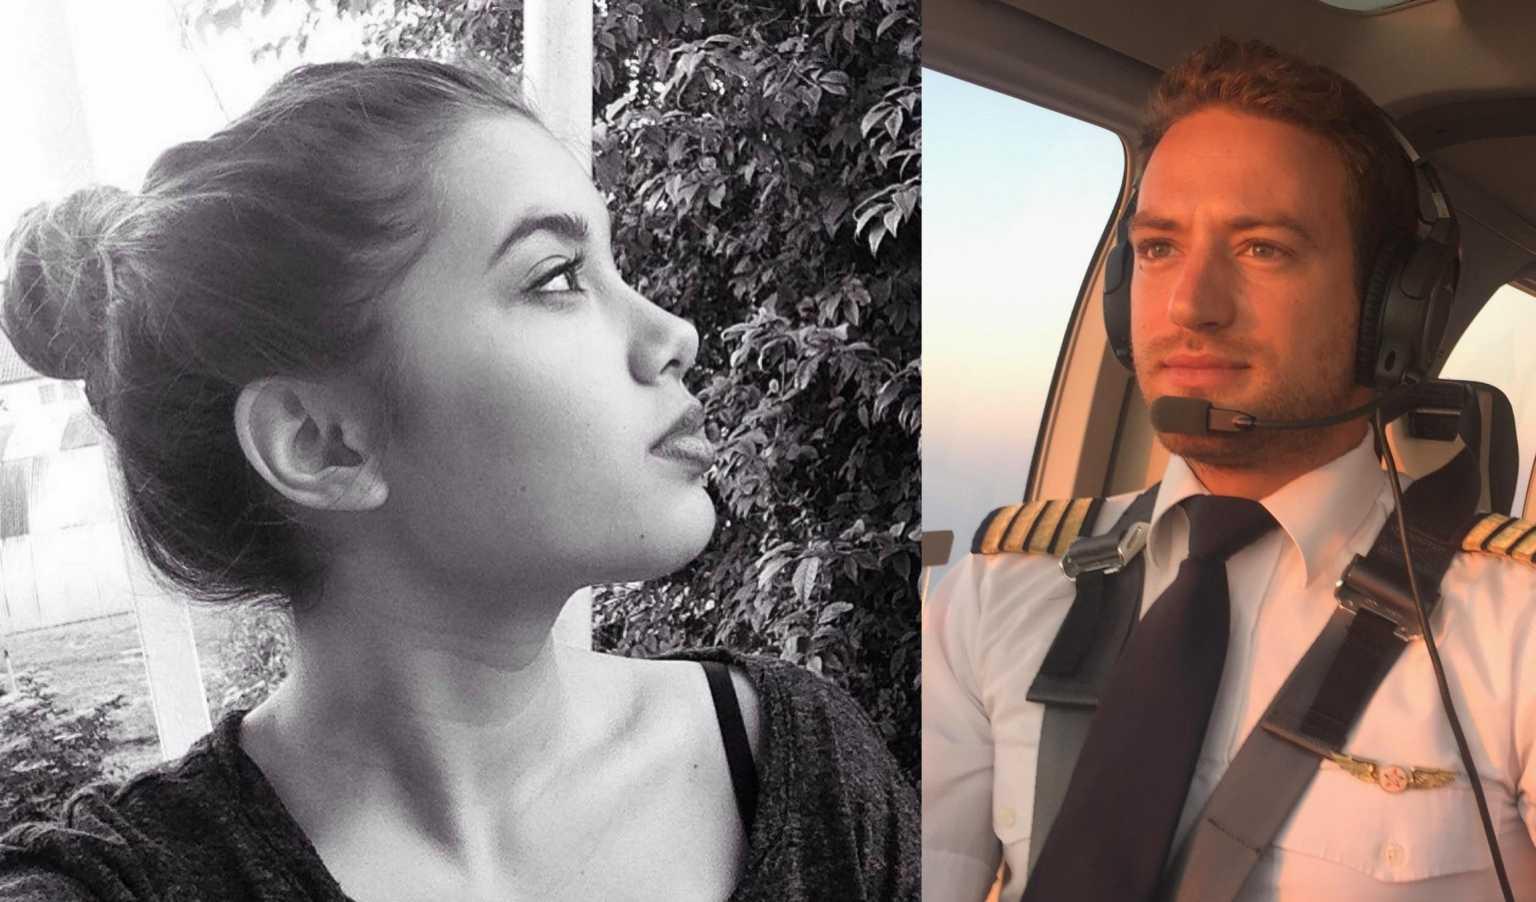 Γλυκά Νερά: Αποκάλυψη για το τελευταίο SMS της Κάρολαϊν στον πιλότο | panathinaikos24.gr